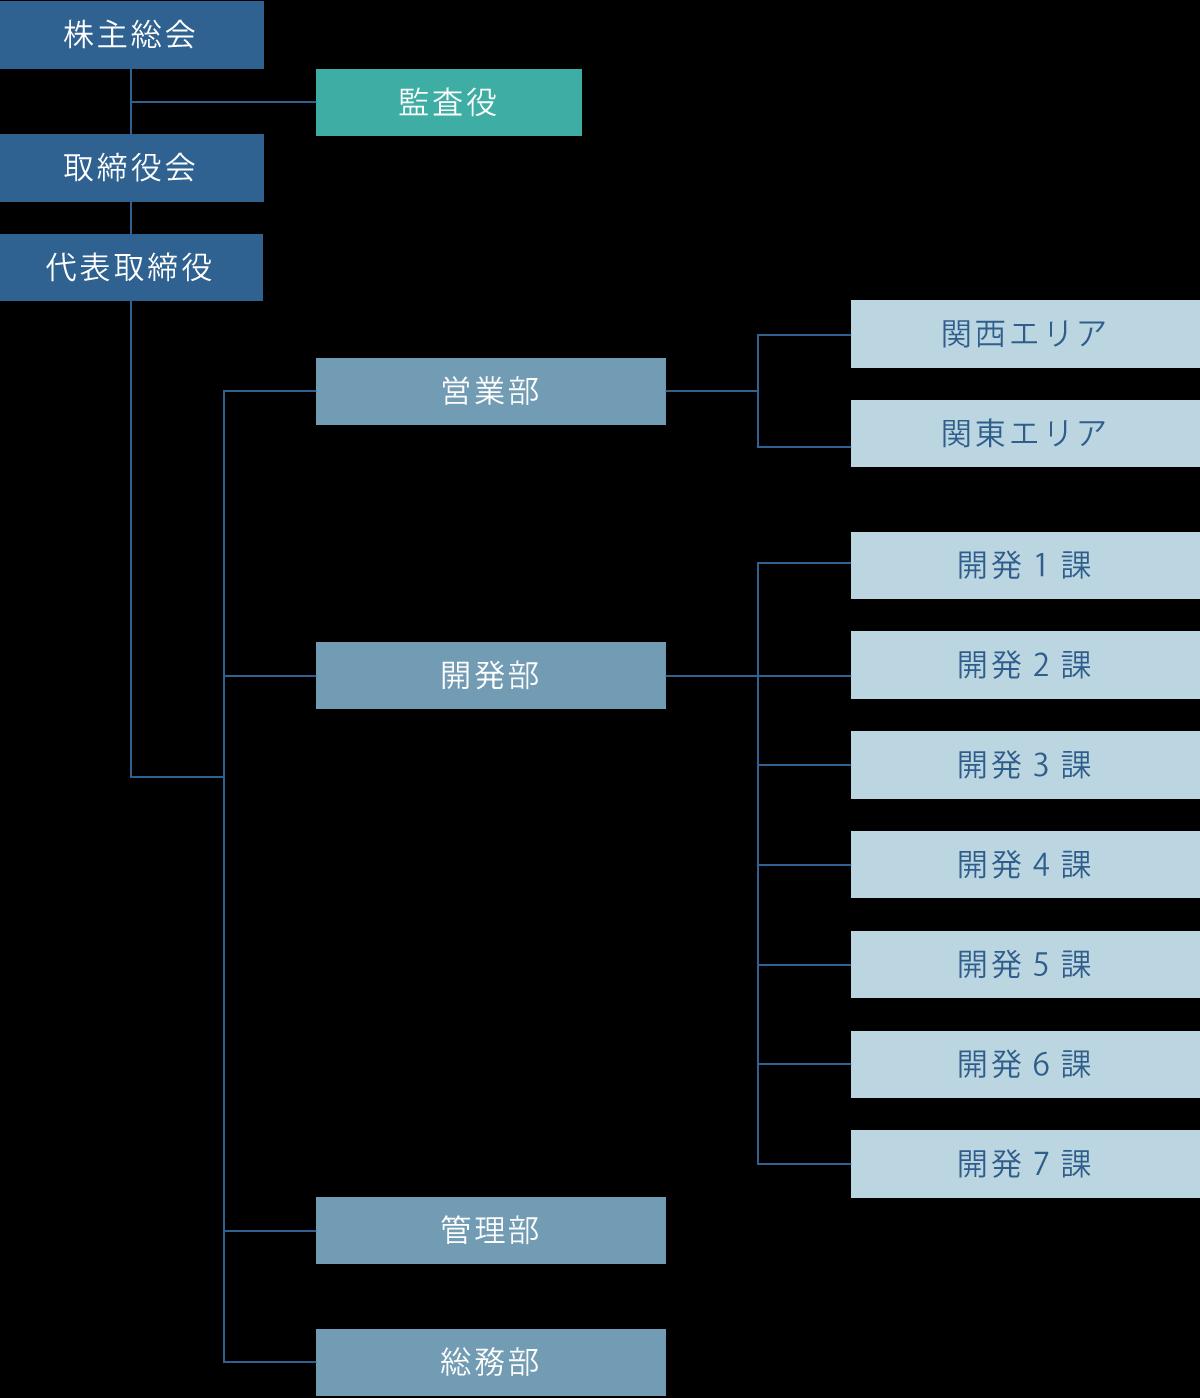 ディアシステム株式会社 35期 組織図